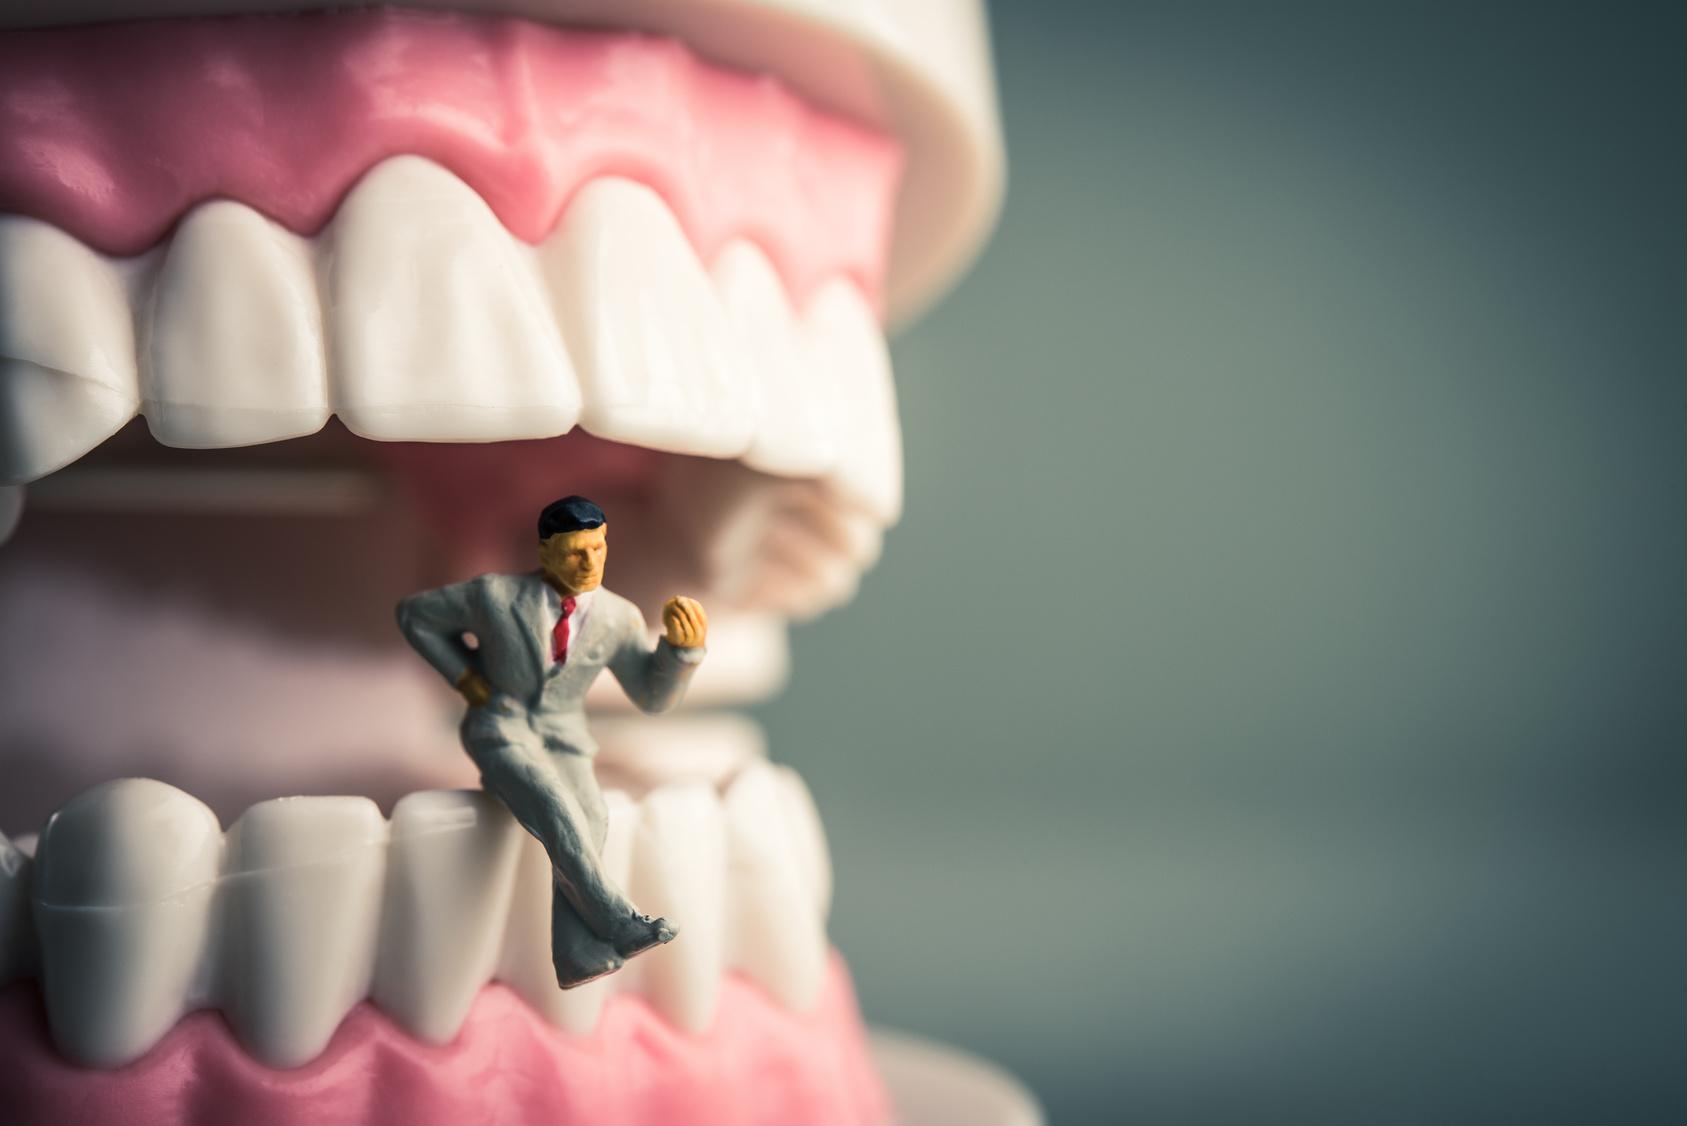 歯周病の治療は、歯磨きと歯周基本治療をコツコツとが大事